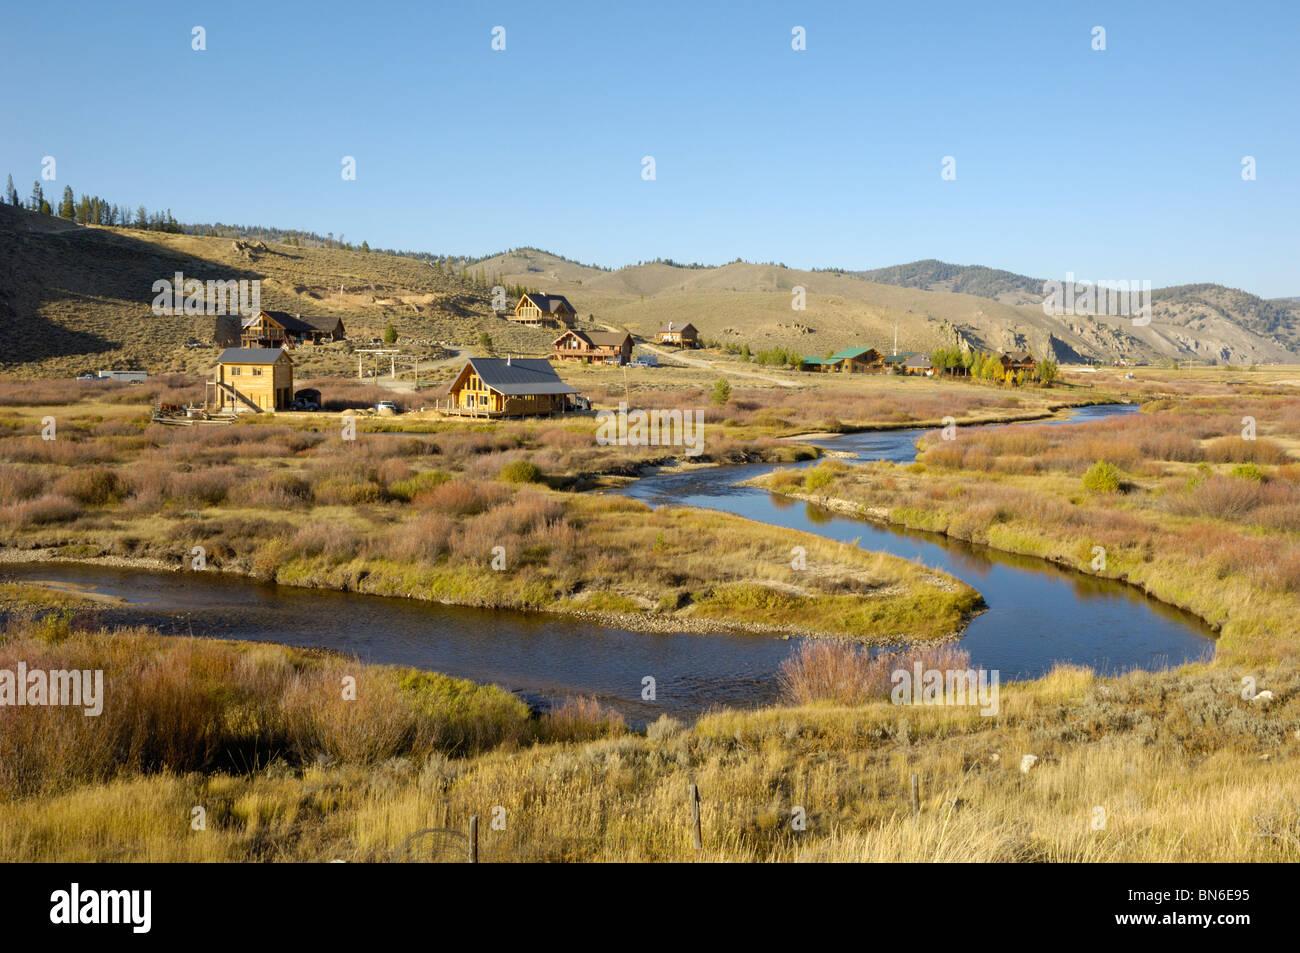 Stanley, Sawtooth Mountains, Idaho, USA - Stock Image